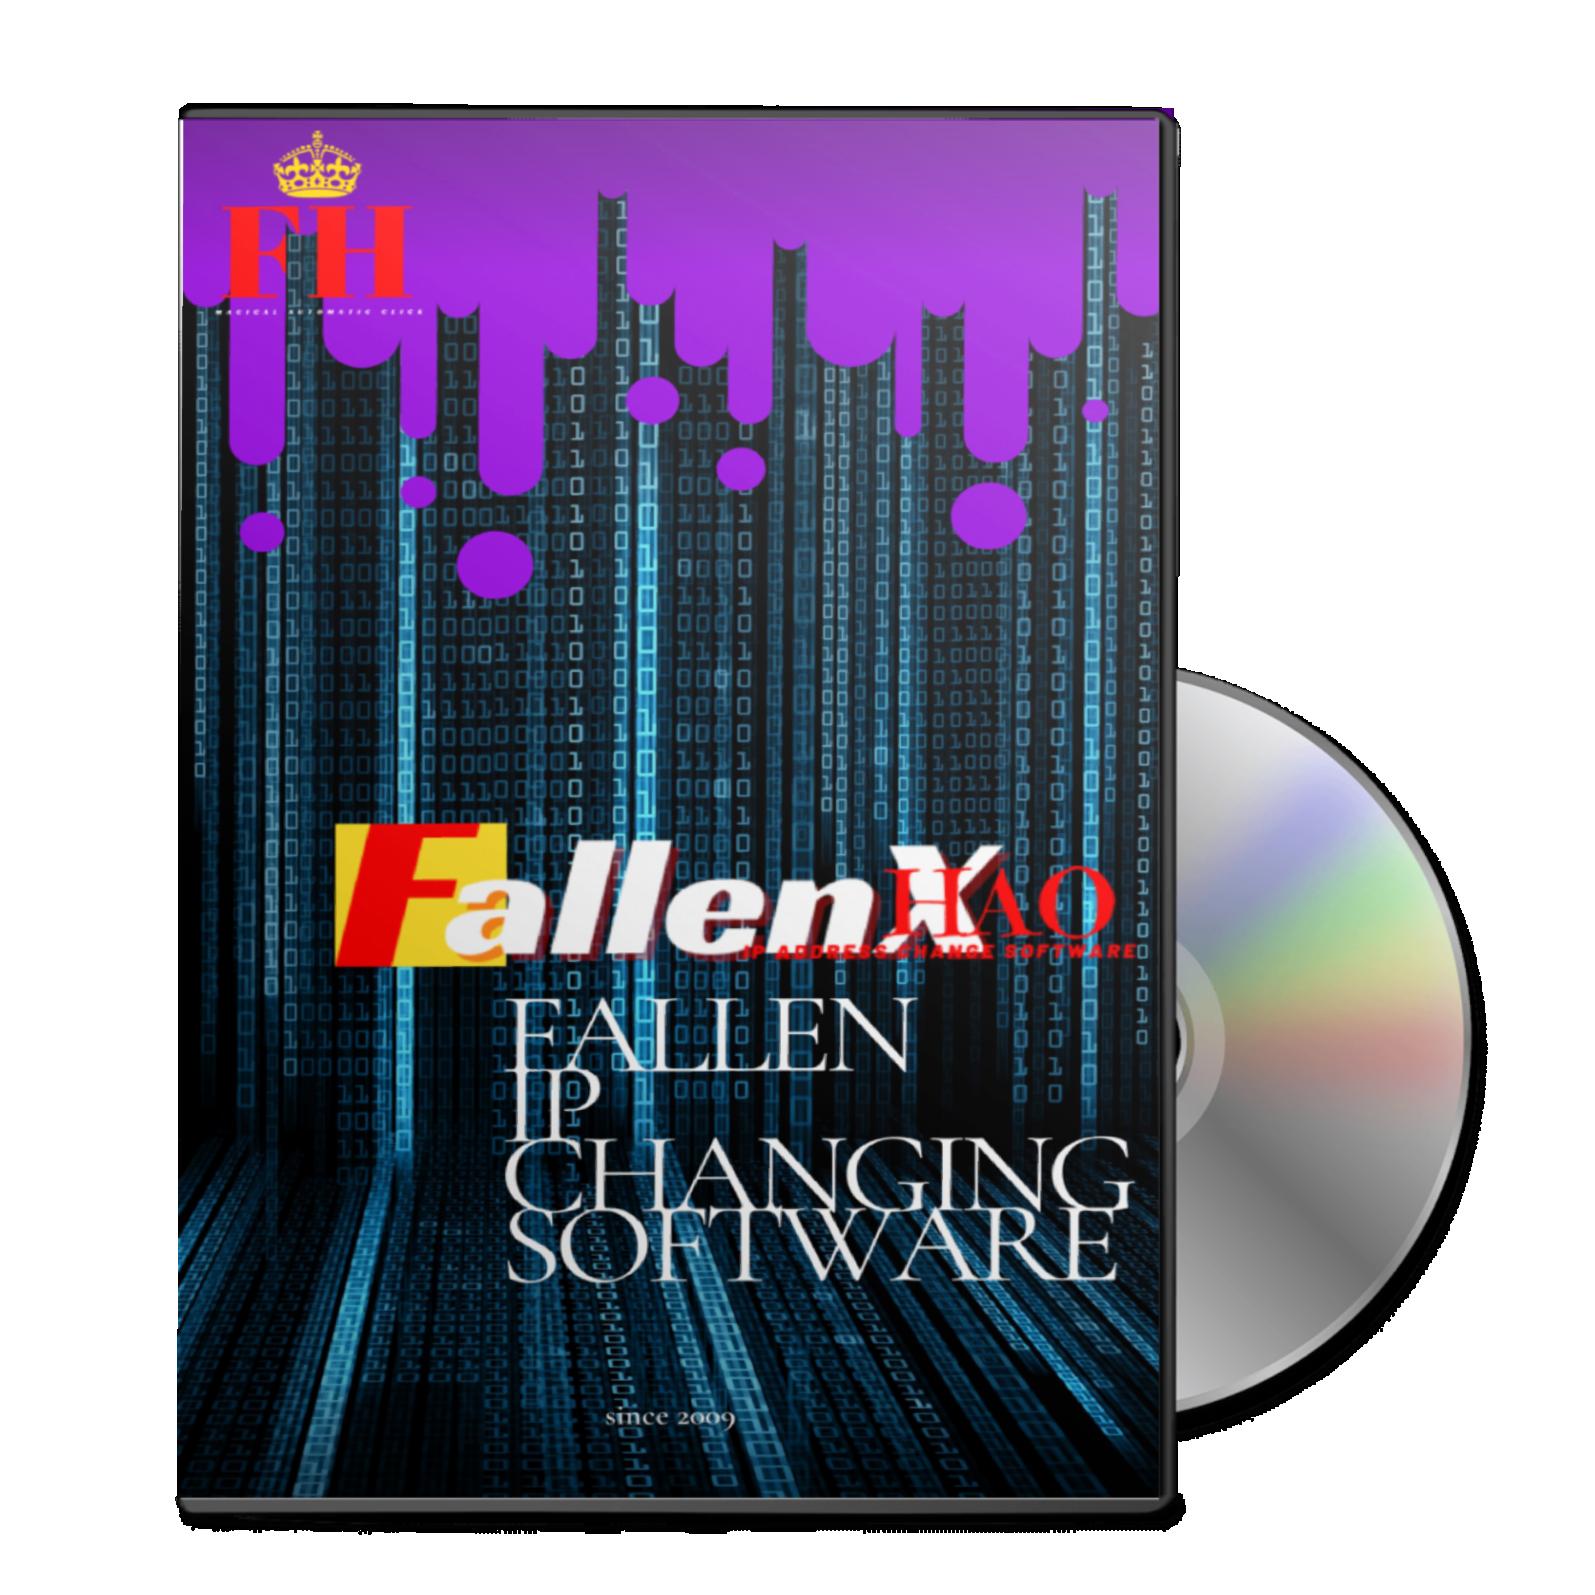 FallenX覇王